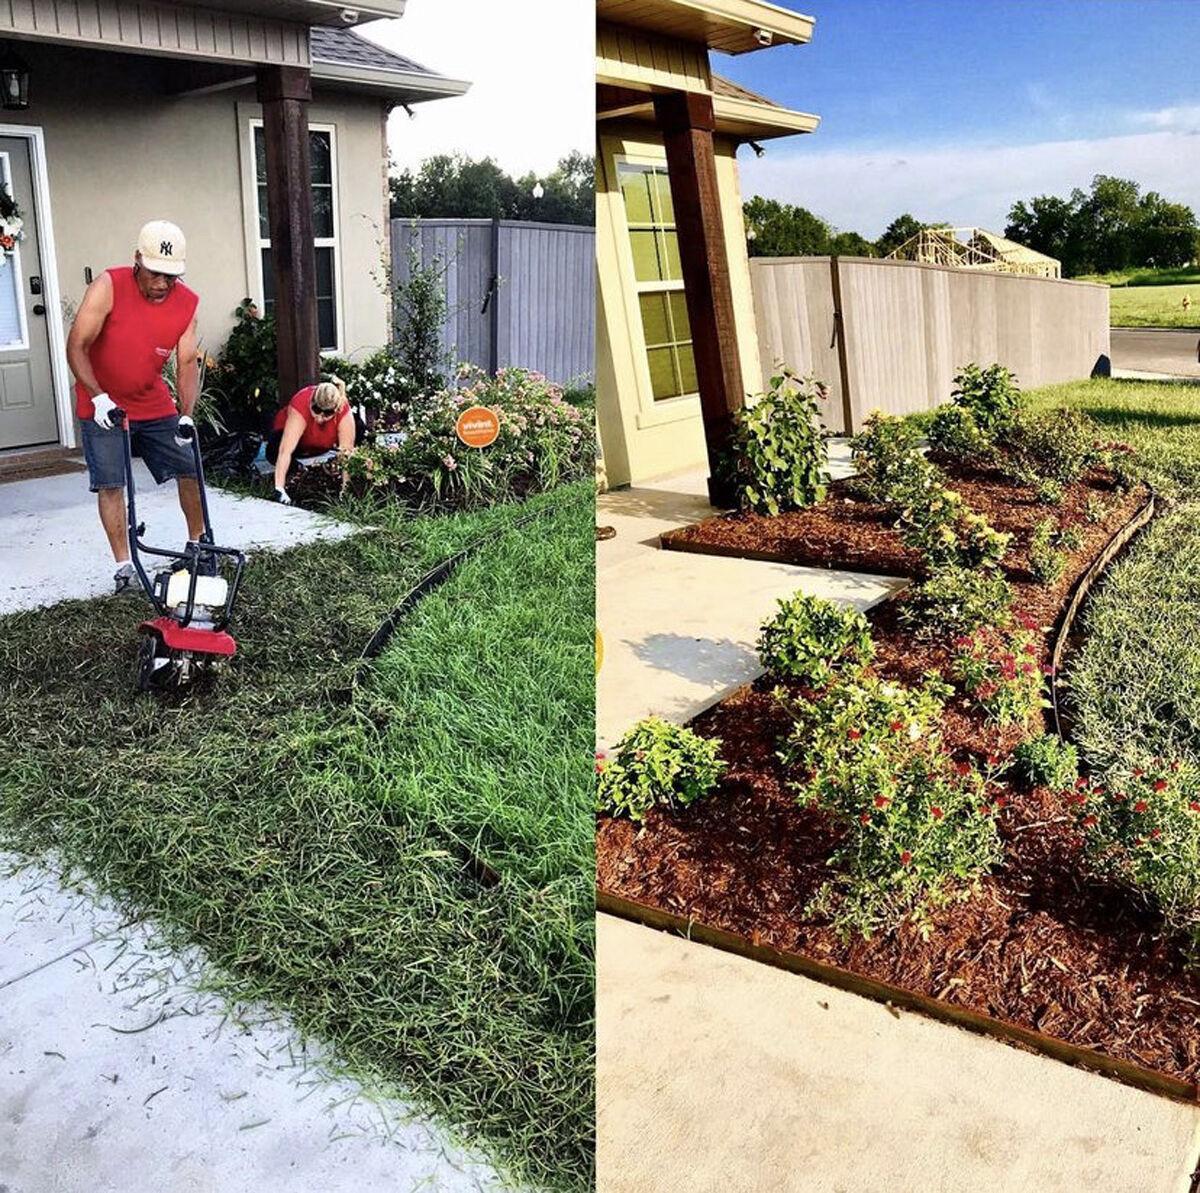 Flower Girls Gardening owner loves creativity of her job